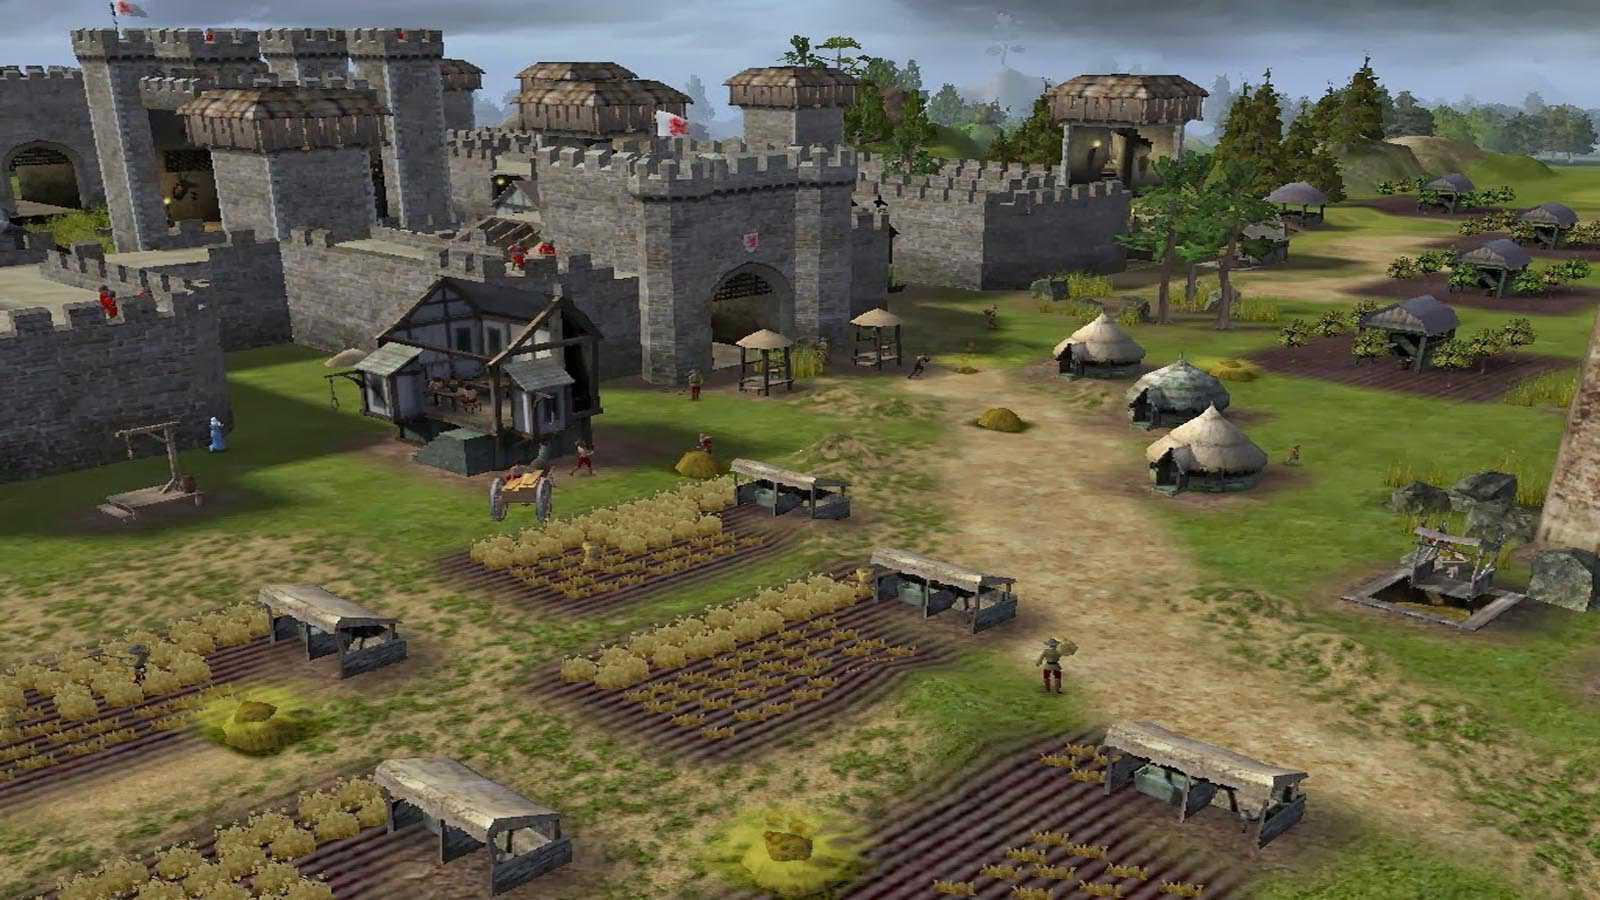 تحميل لعبة Stronghold 2 مضغوطة برابط واحد مباشر كاملة مجانا